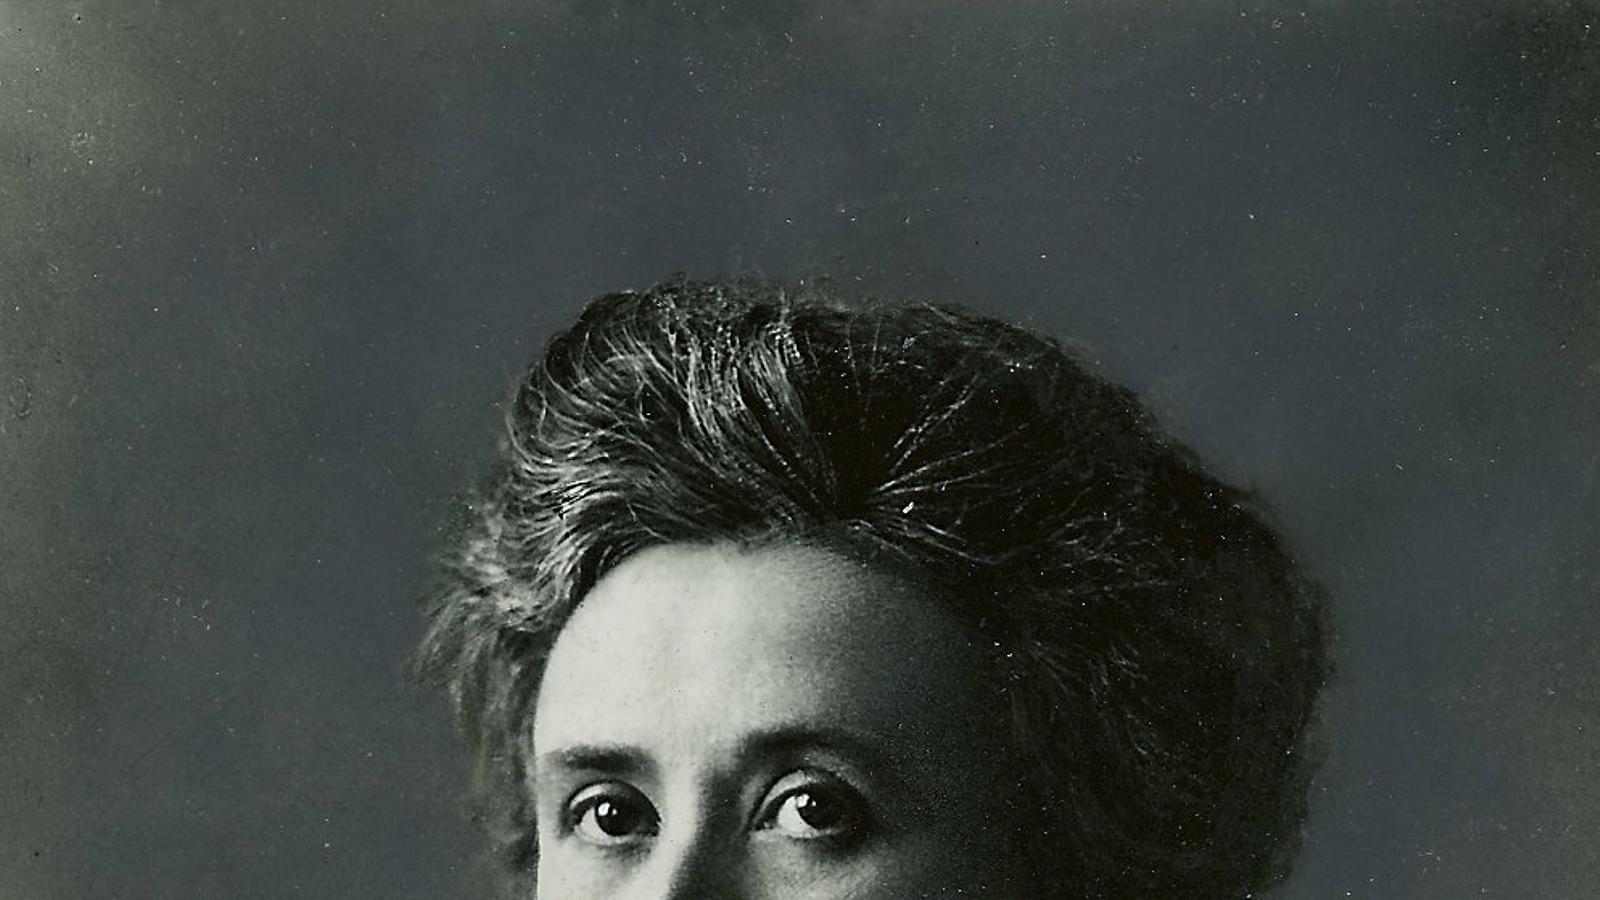 Dona, jueva, polonesa, comunista i intel·lectual. Ho tenia tot per ser perseguida i, efectivament, va ser assassinada el 15 de gener del 1919, ara ha fet cent anys